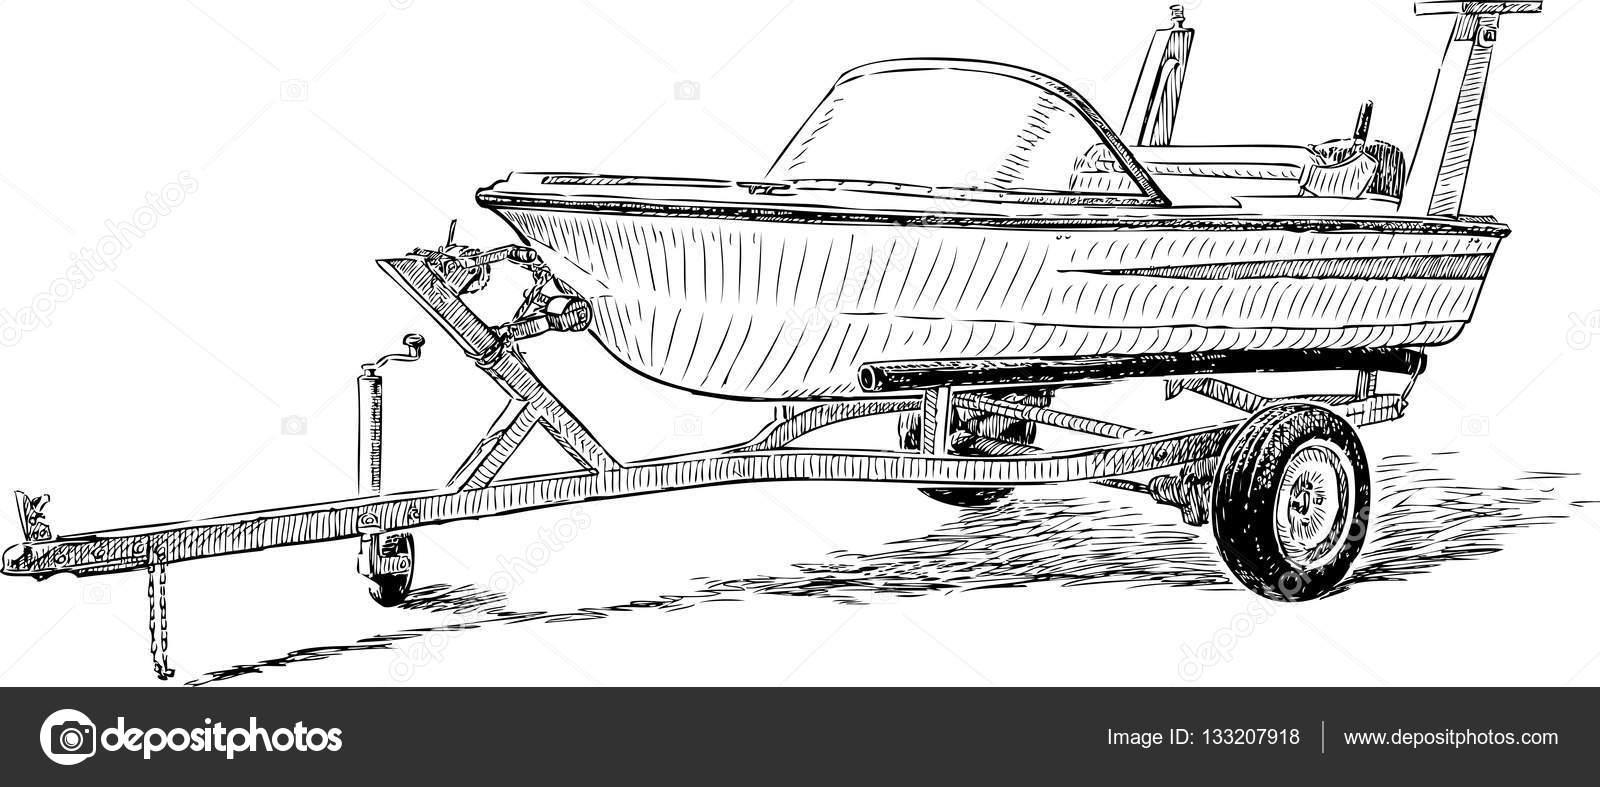 bateau de plaisance sur une remorque — Image vectorielle ...